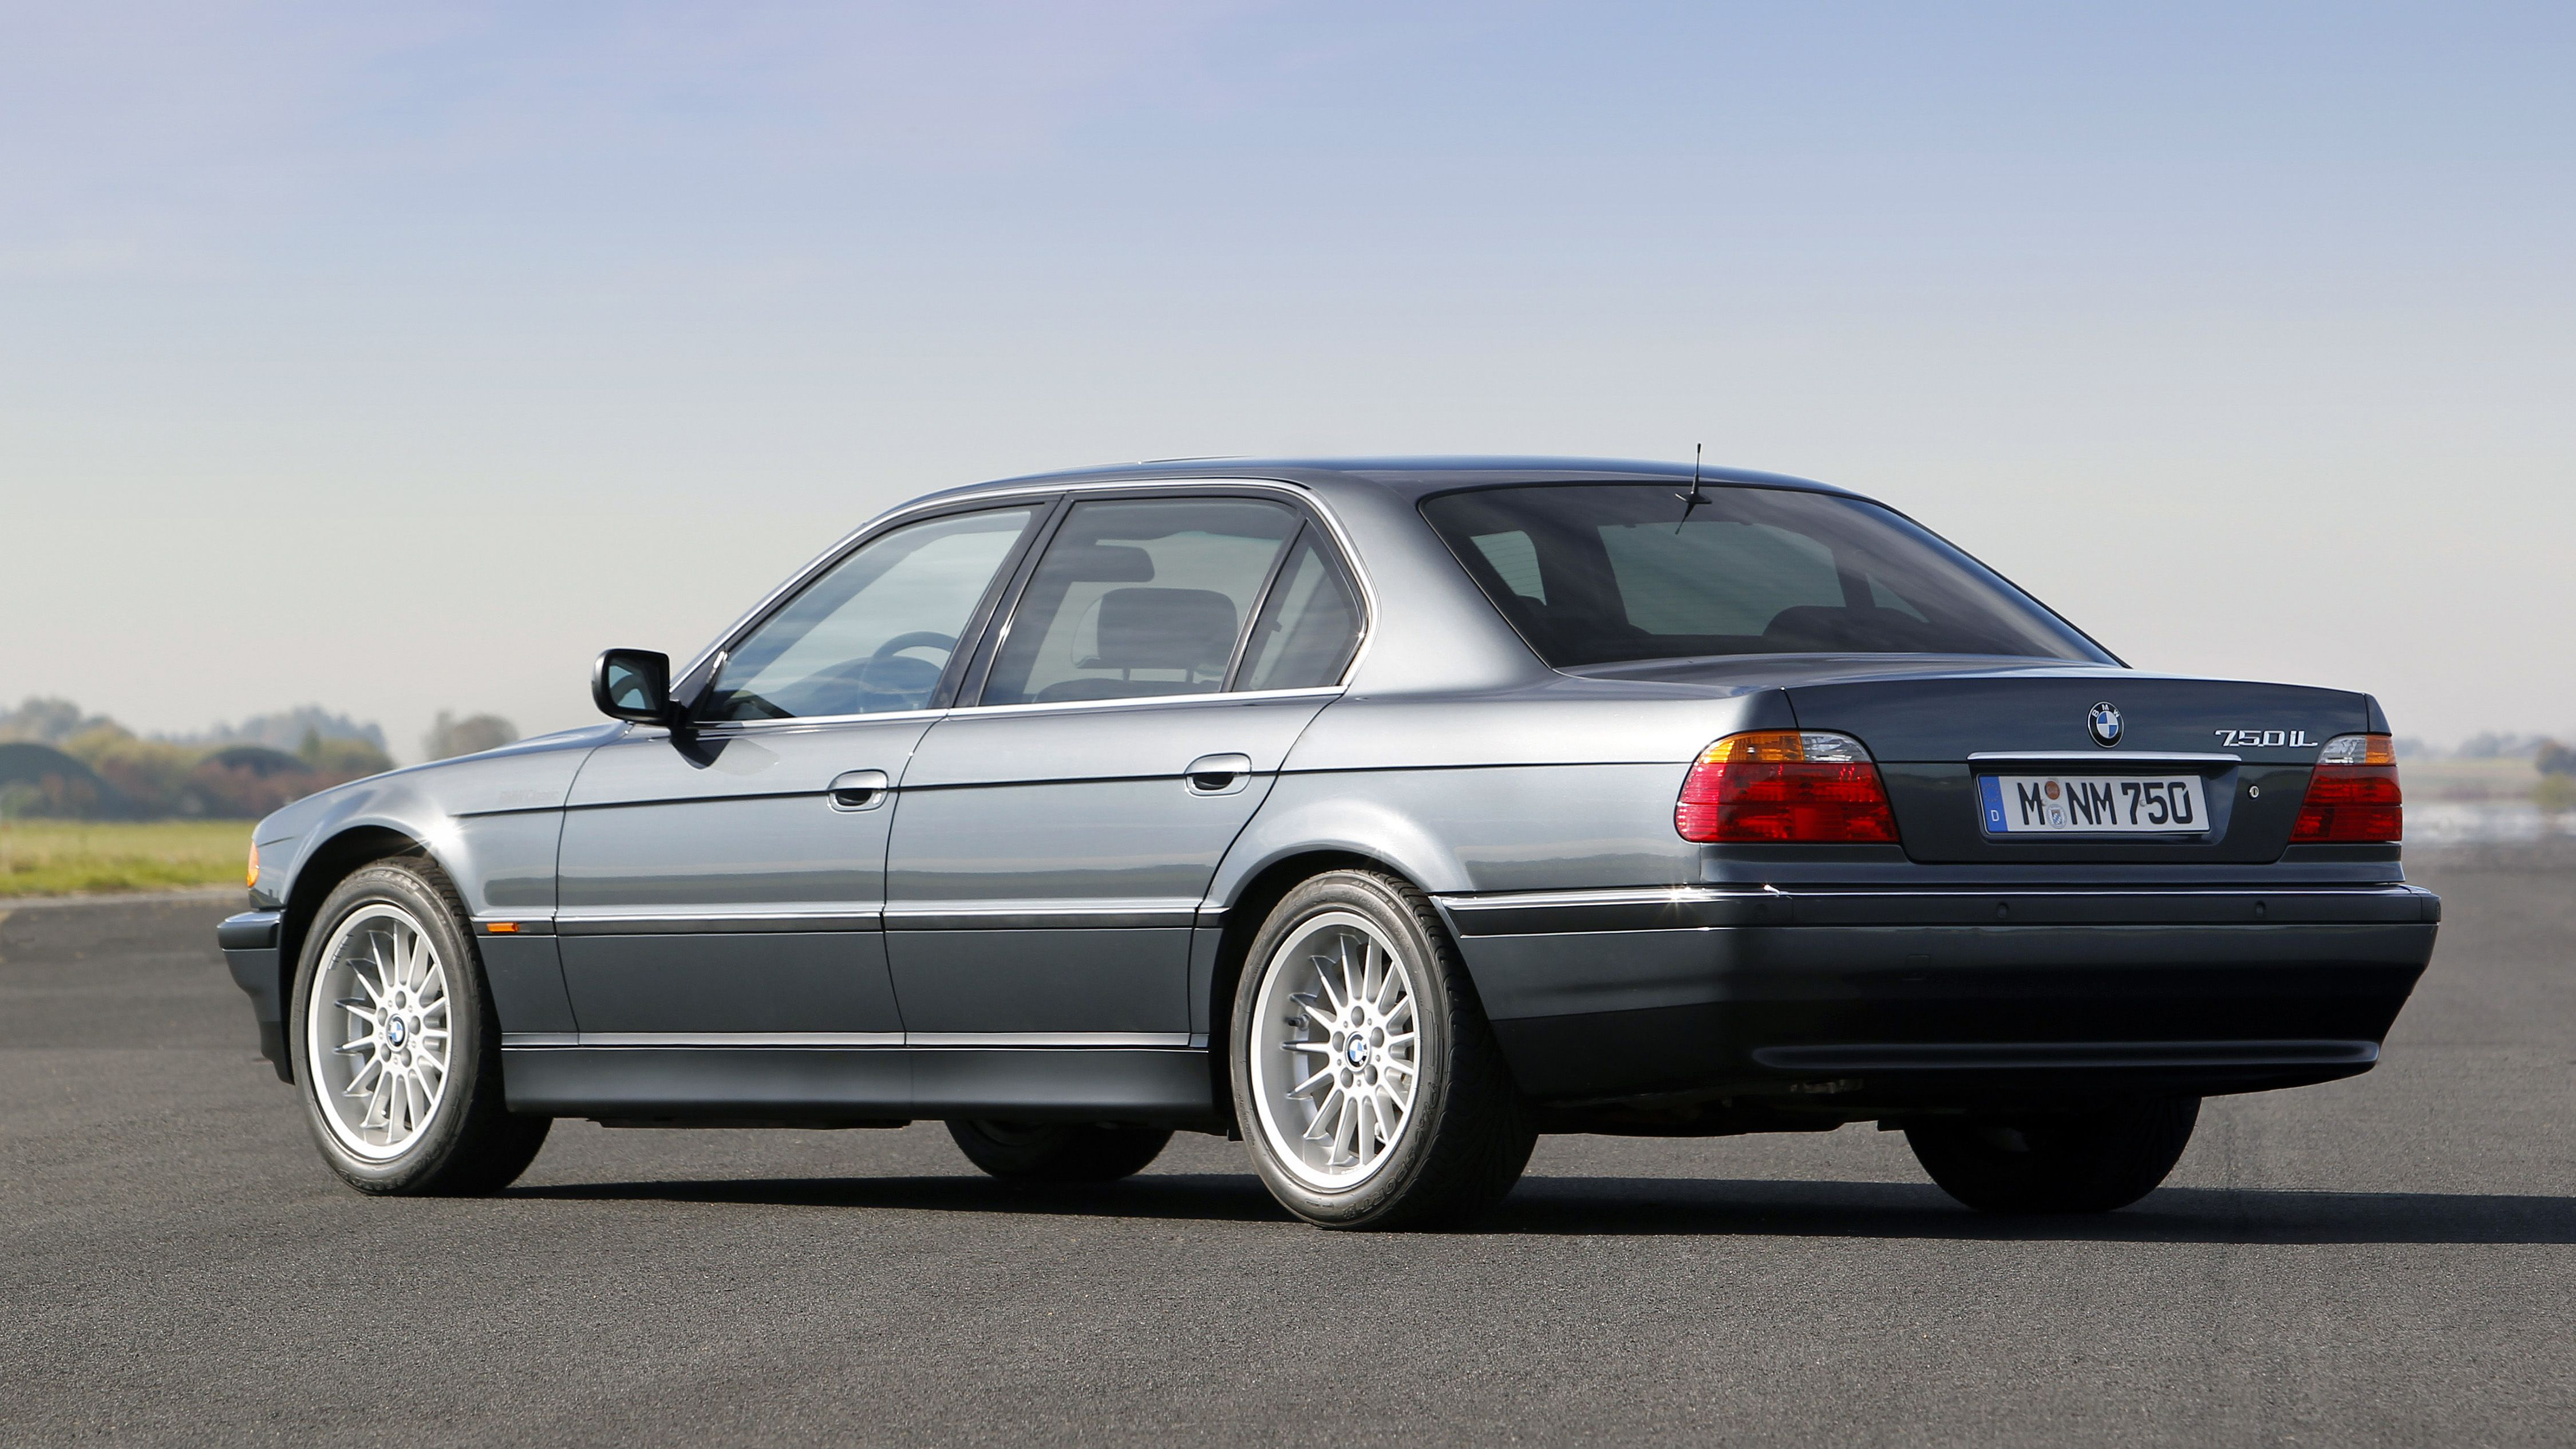 BMW 750iL (E38) (с изображениями)   Автомобили